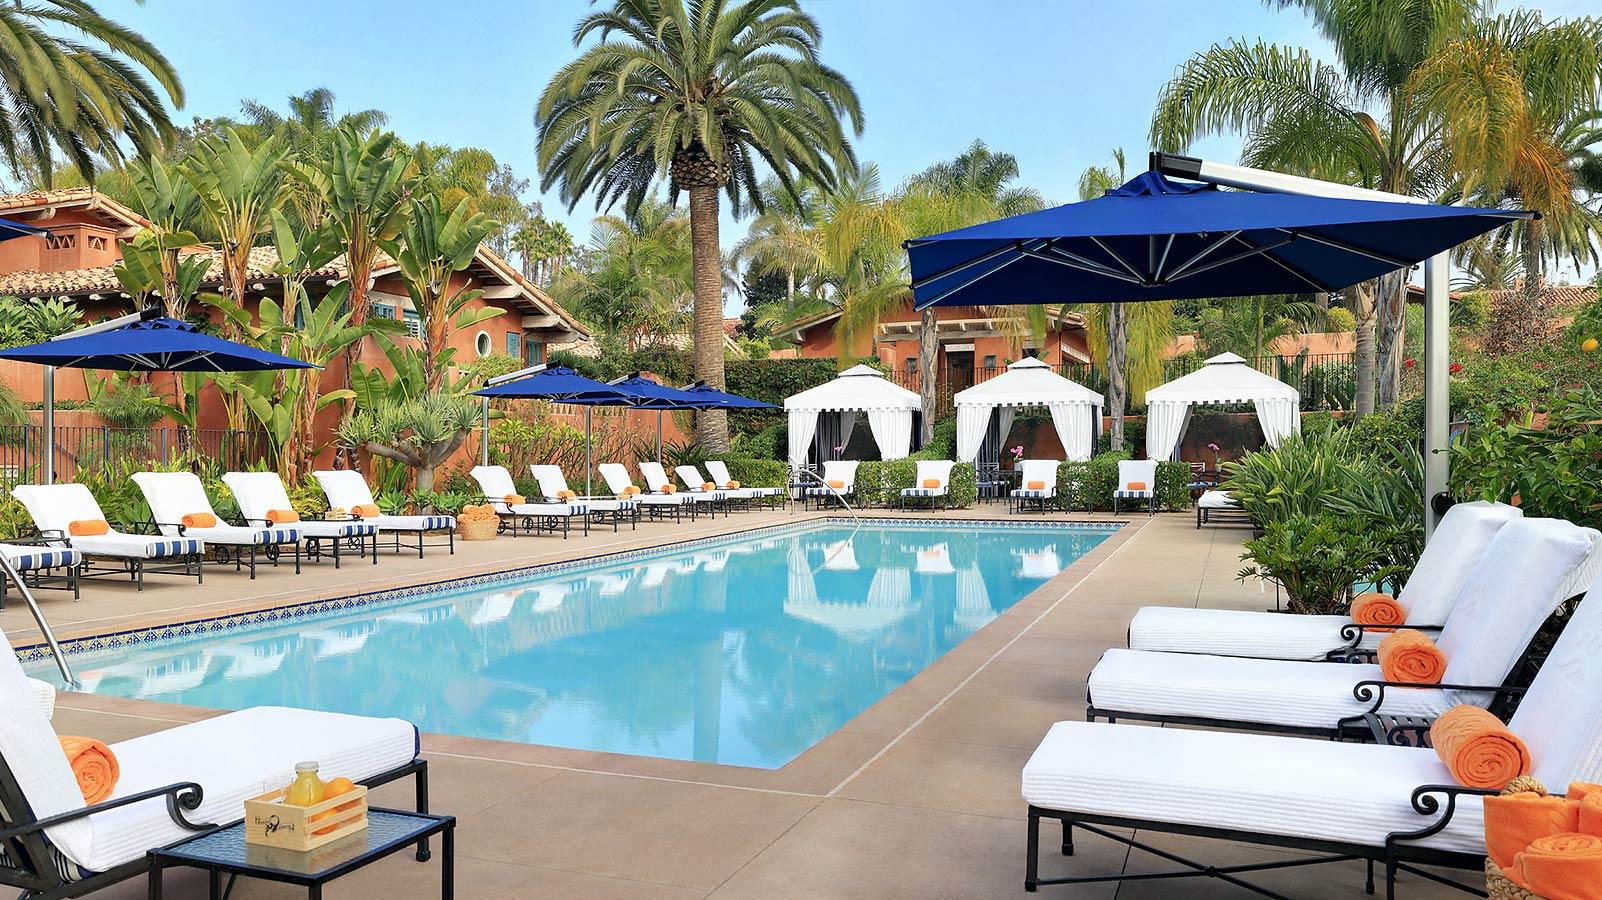 The spa at Rancho Valencia. Photo Credit: Rancho Valencia Resort & Spa